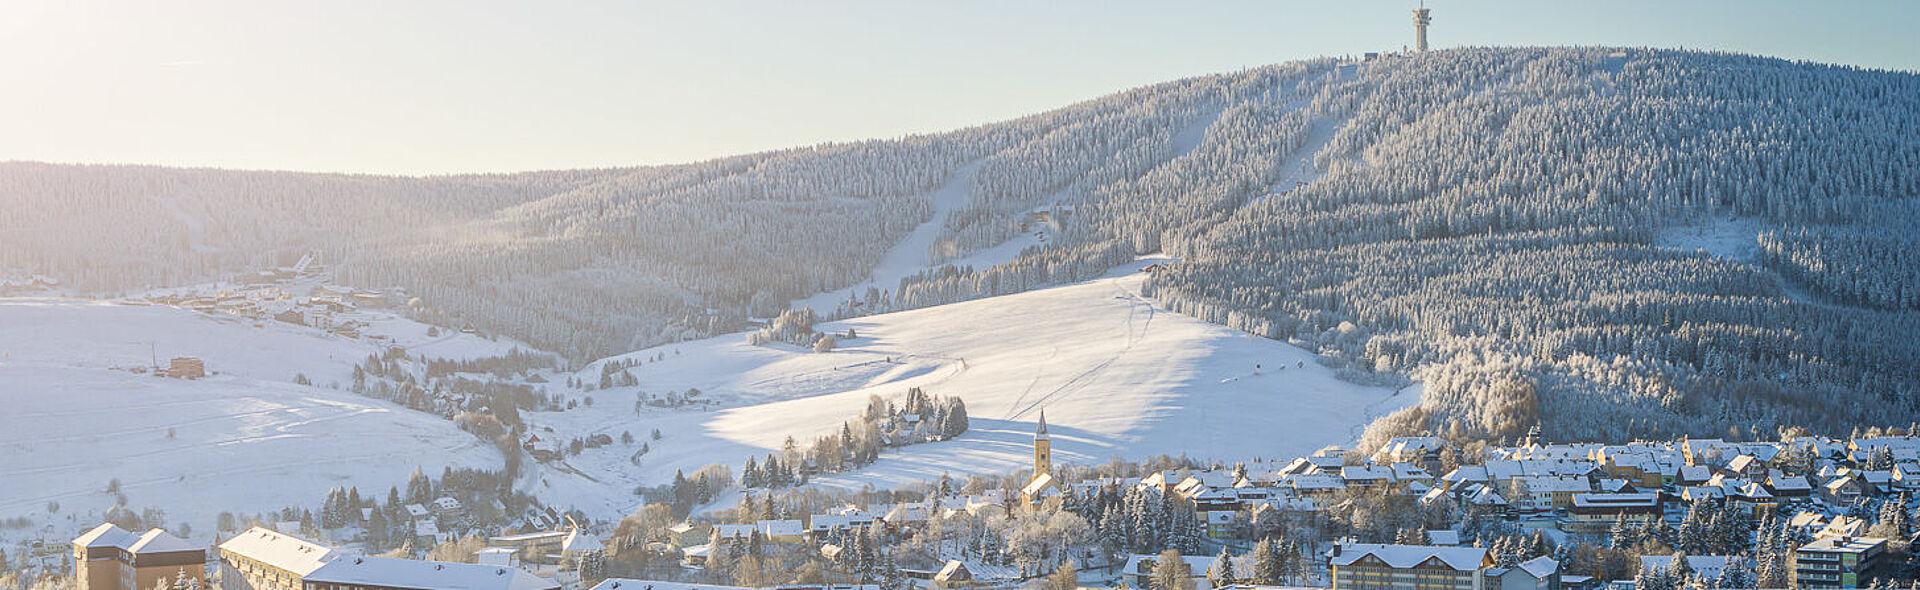 Oberwiesenthal Erzgebirge Kurort Winter Sachsen